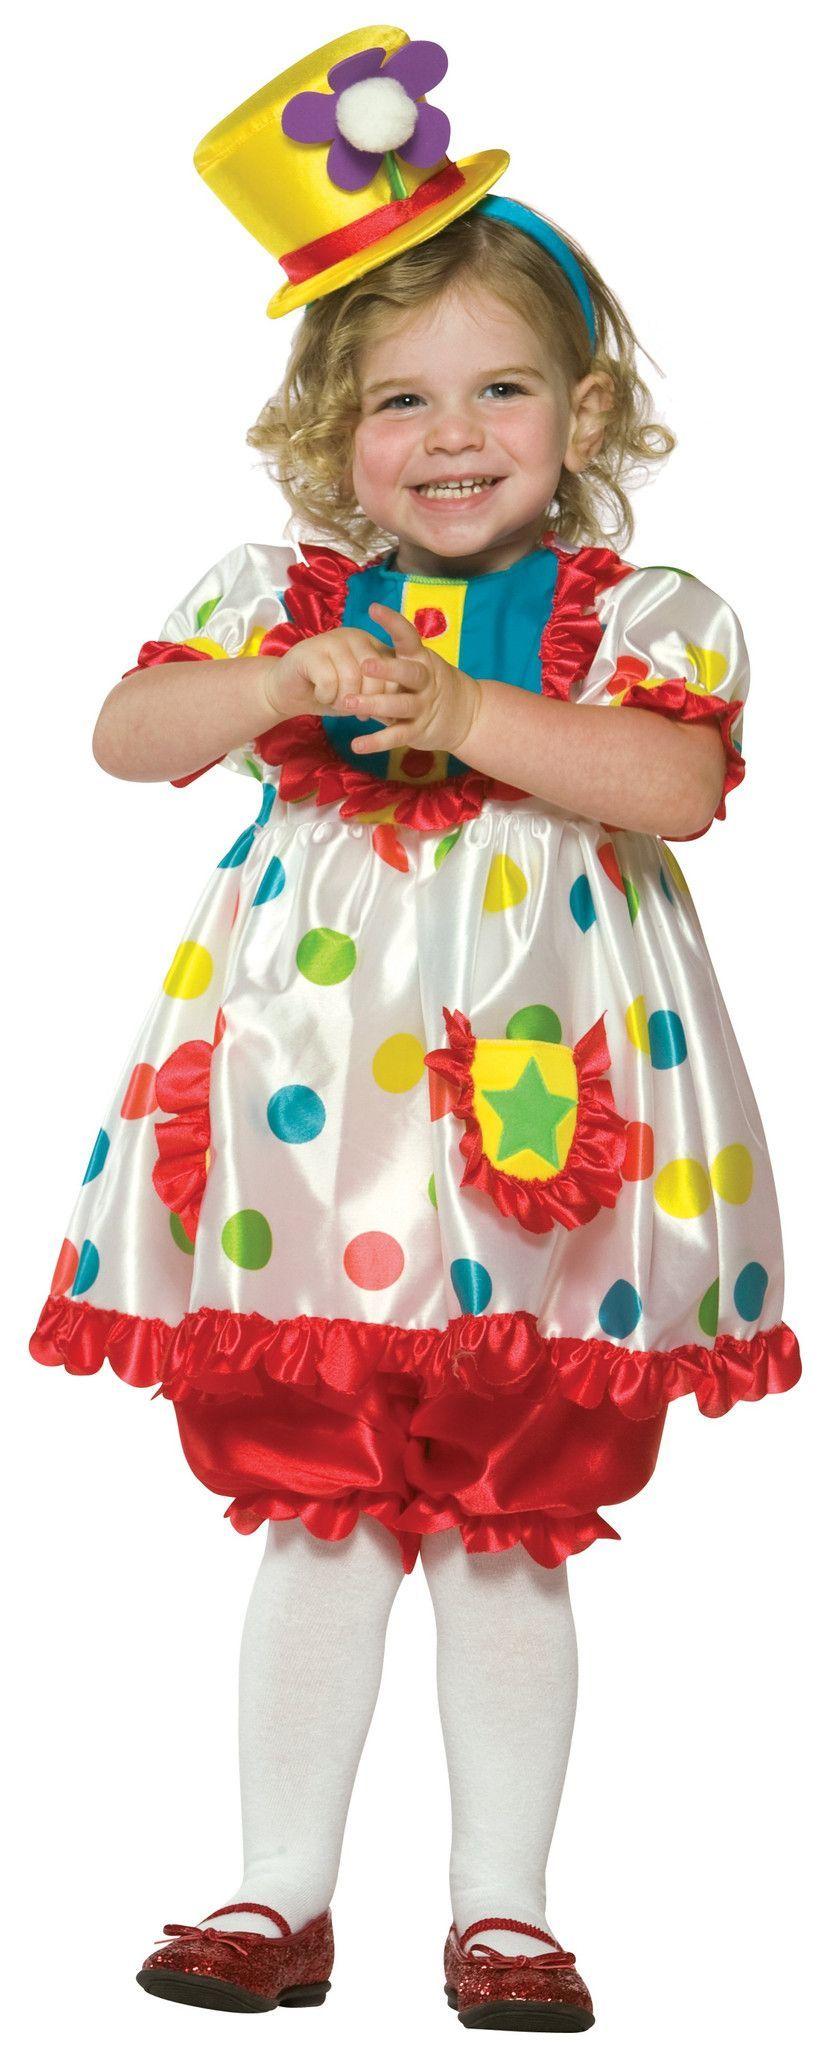 Clown Girl Toddler Costume  sc 1 st  Pinterest & Clown Girl Toddler Costume | Products | Pinterest | Toddler costumes ...